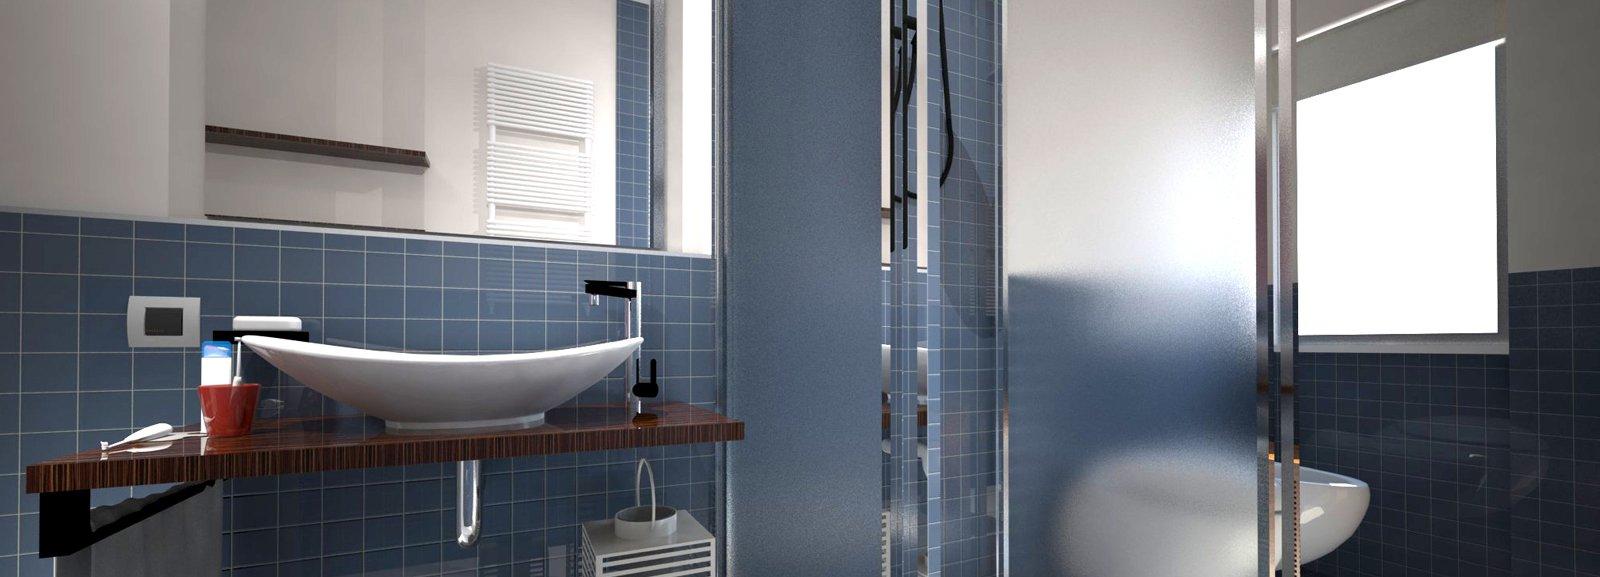 Dove metto la doccia nel bagno lungo e stretto cose di casa - Spiata nel bagno ...